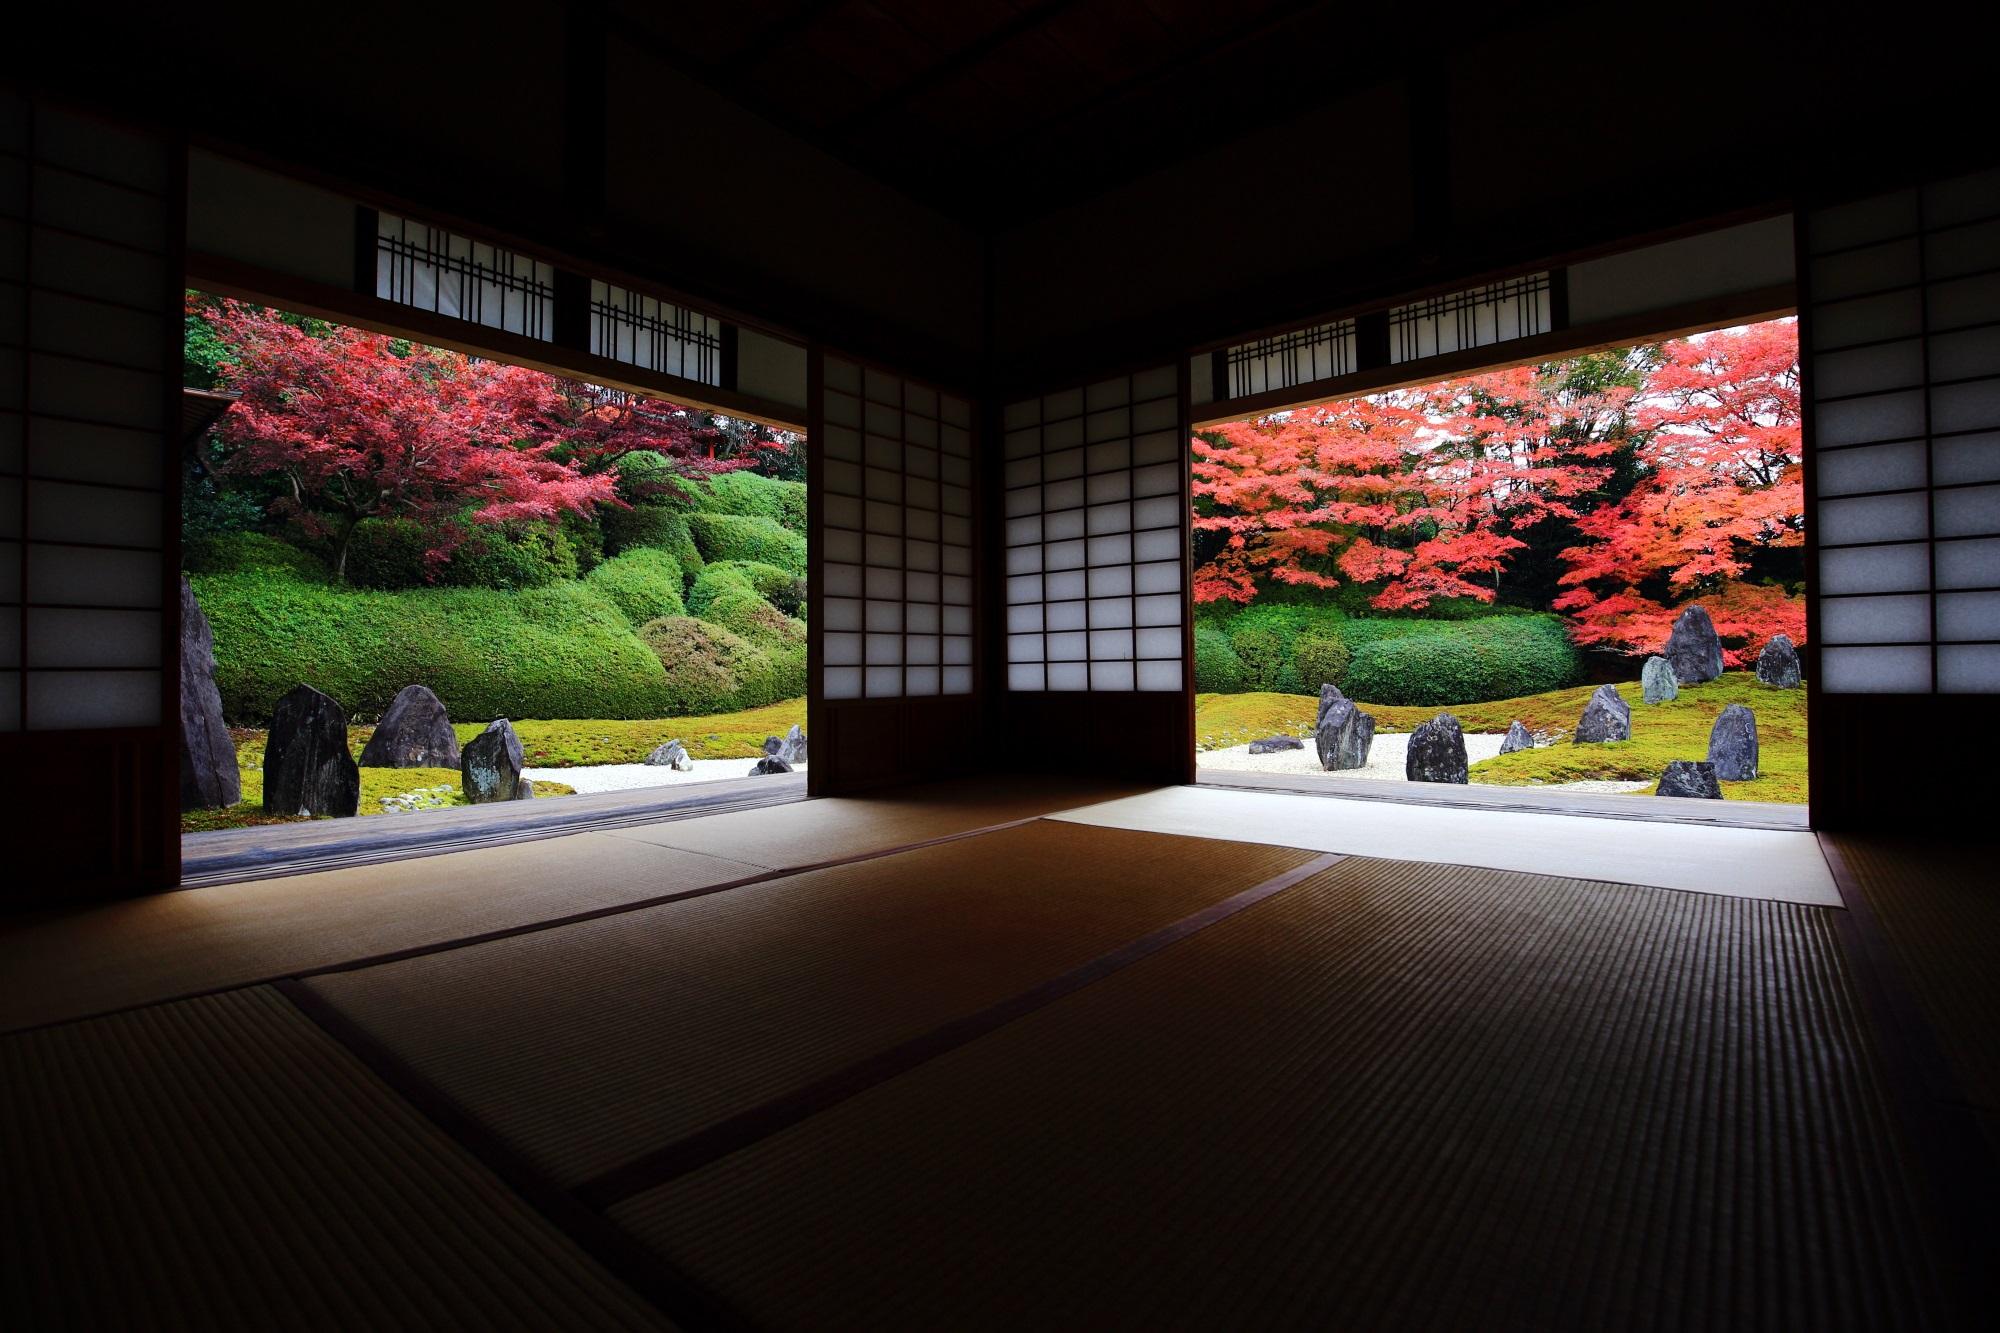 東福寺 光明院 紅葉 日本庭園の絶品の紅葉